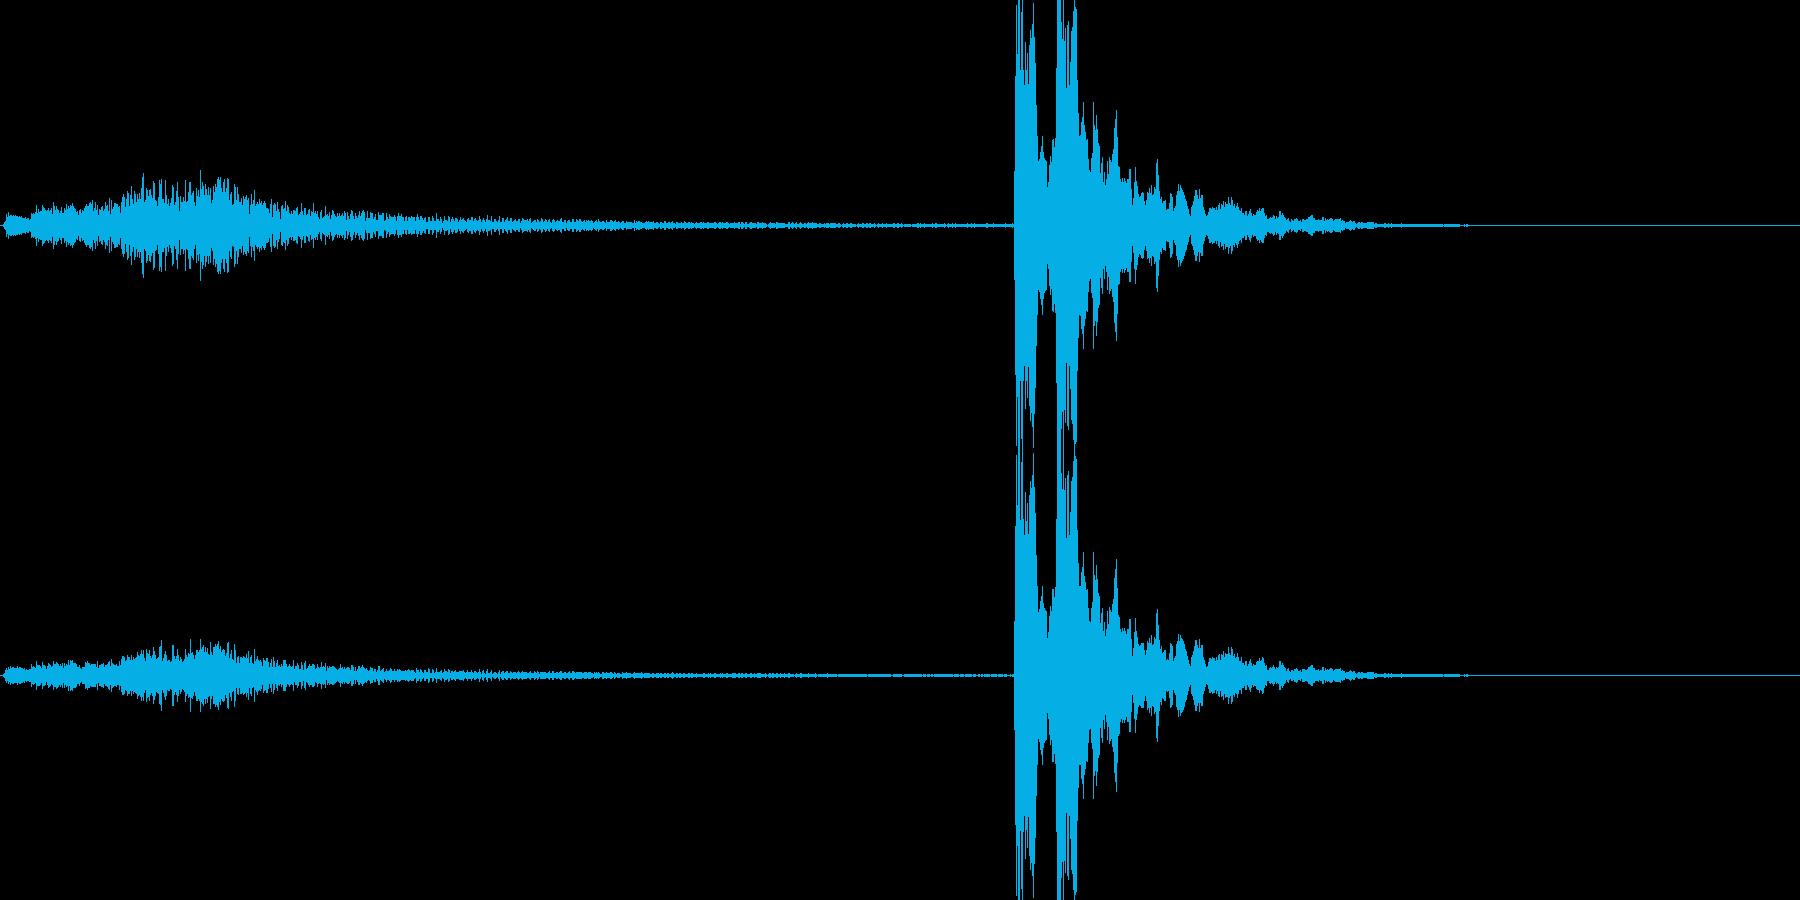 「シャララララン ポポン(琴と鼓)」の再生済みの波形